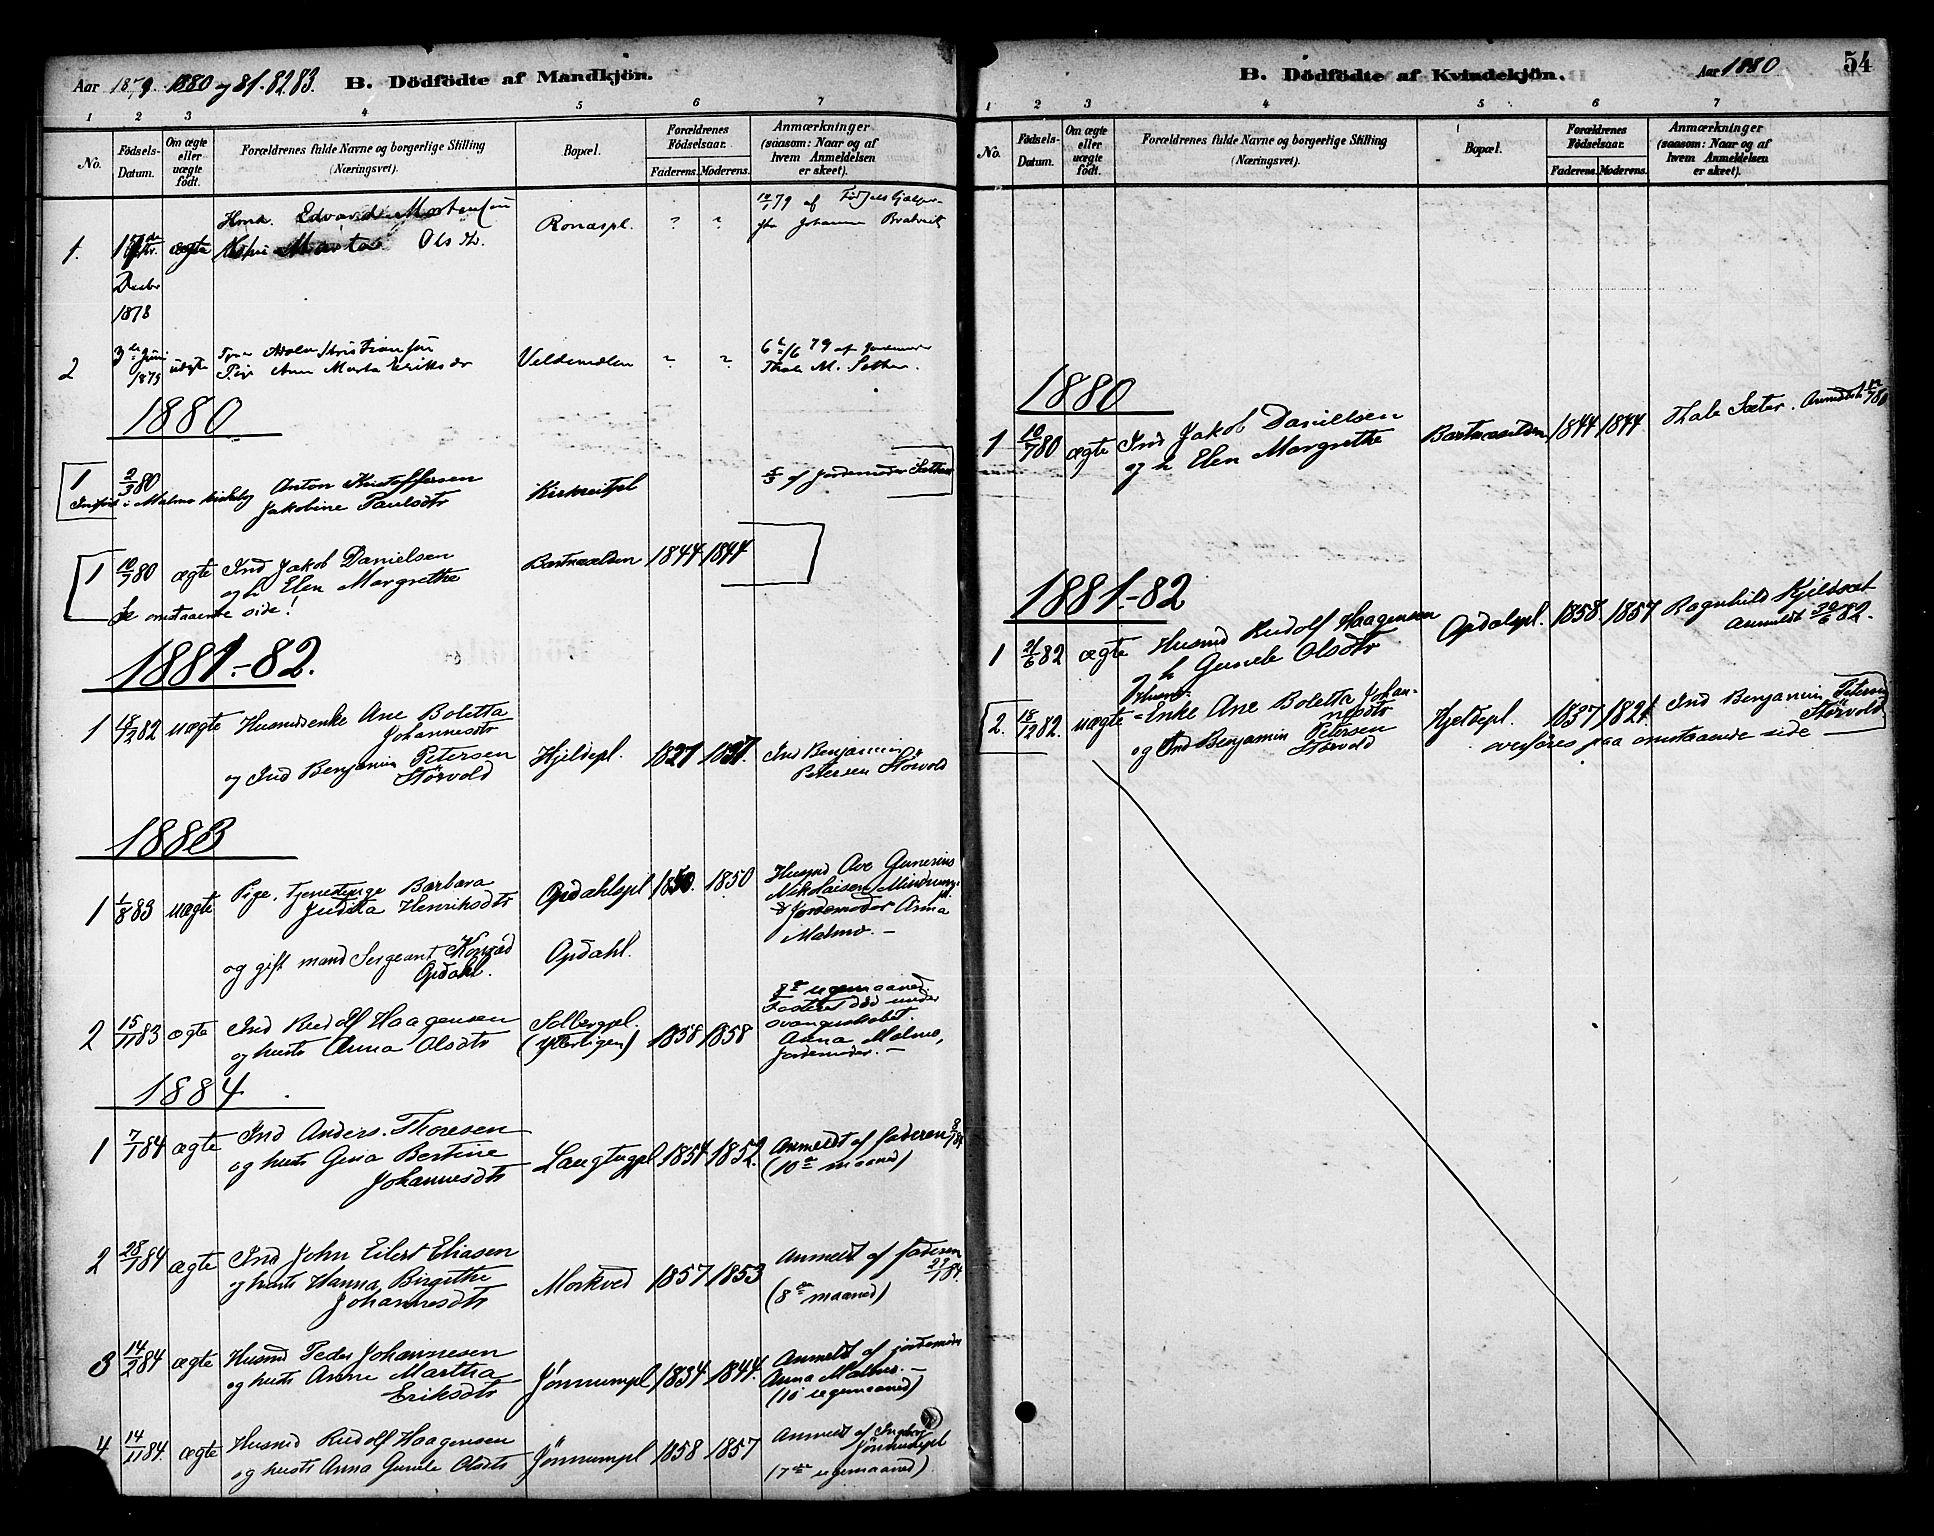 SAT, Ministerialprotokoller, klokkerbøker og fødselsregistre - Nord-Trøndelag, 741/L0395: Ministerialbok nr. 741A09, 1878-1888, s. 54